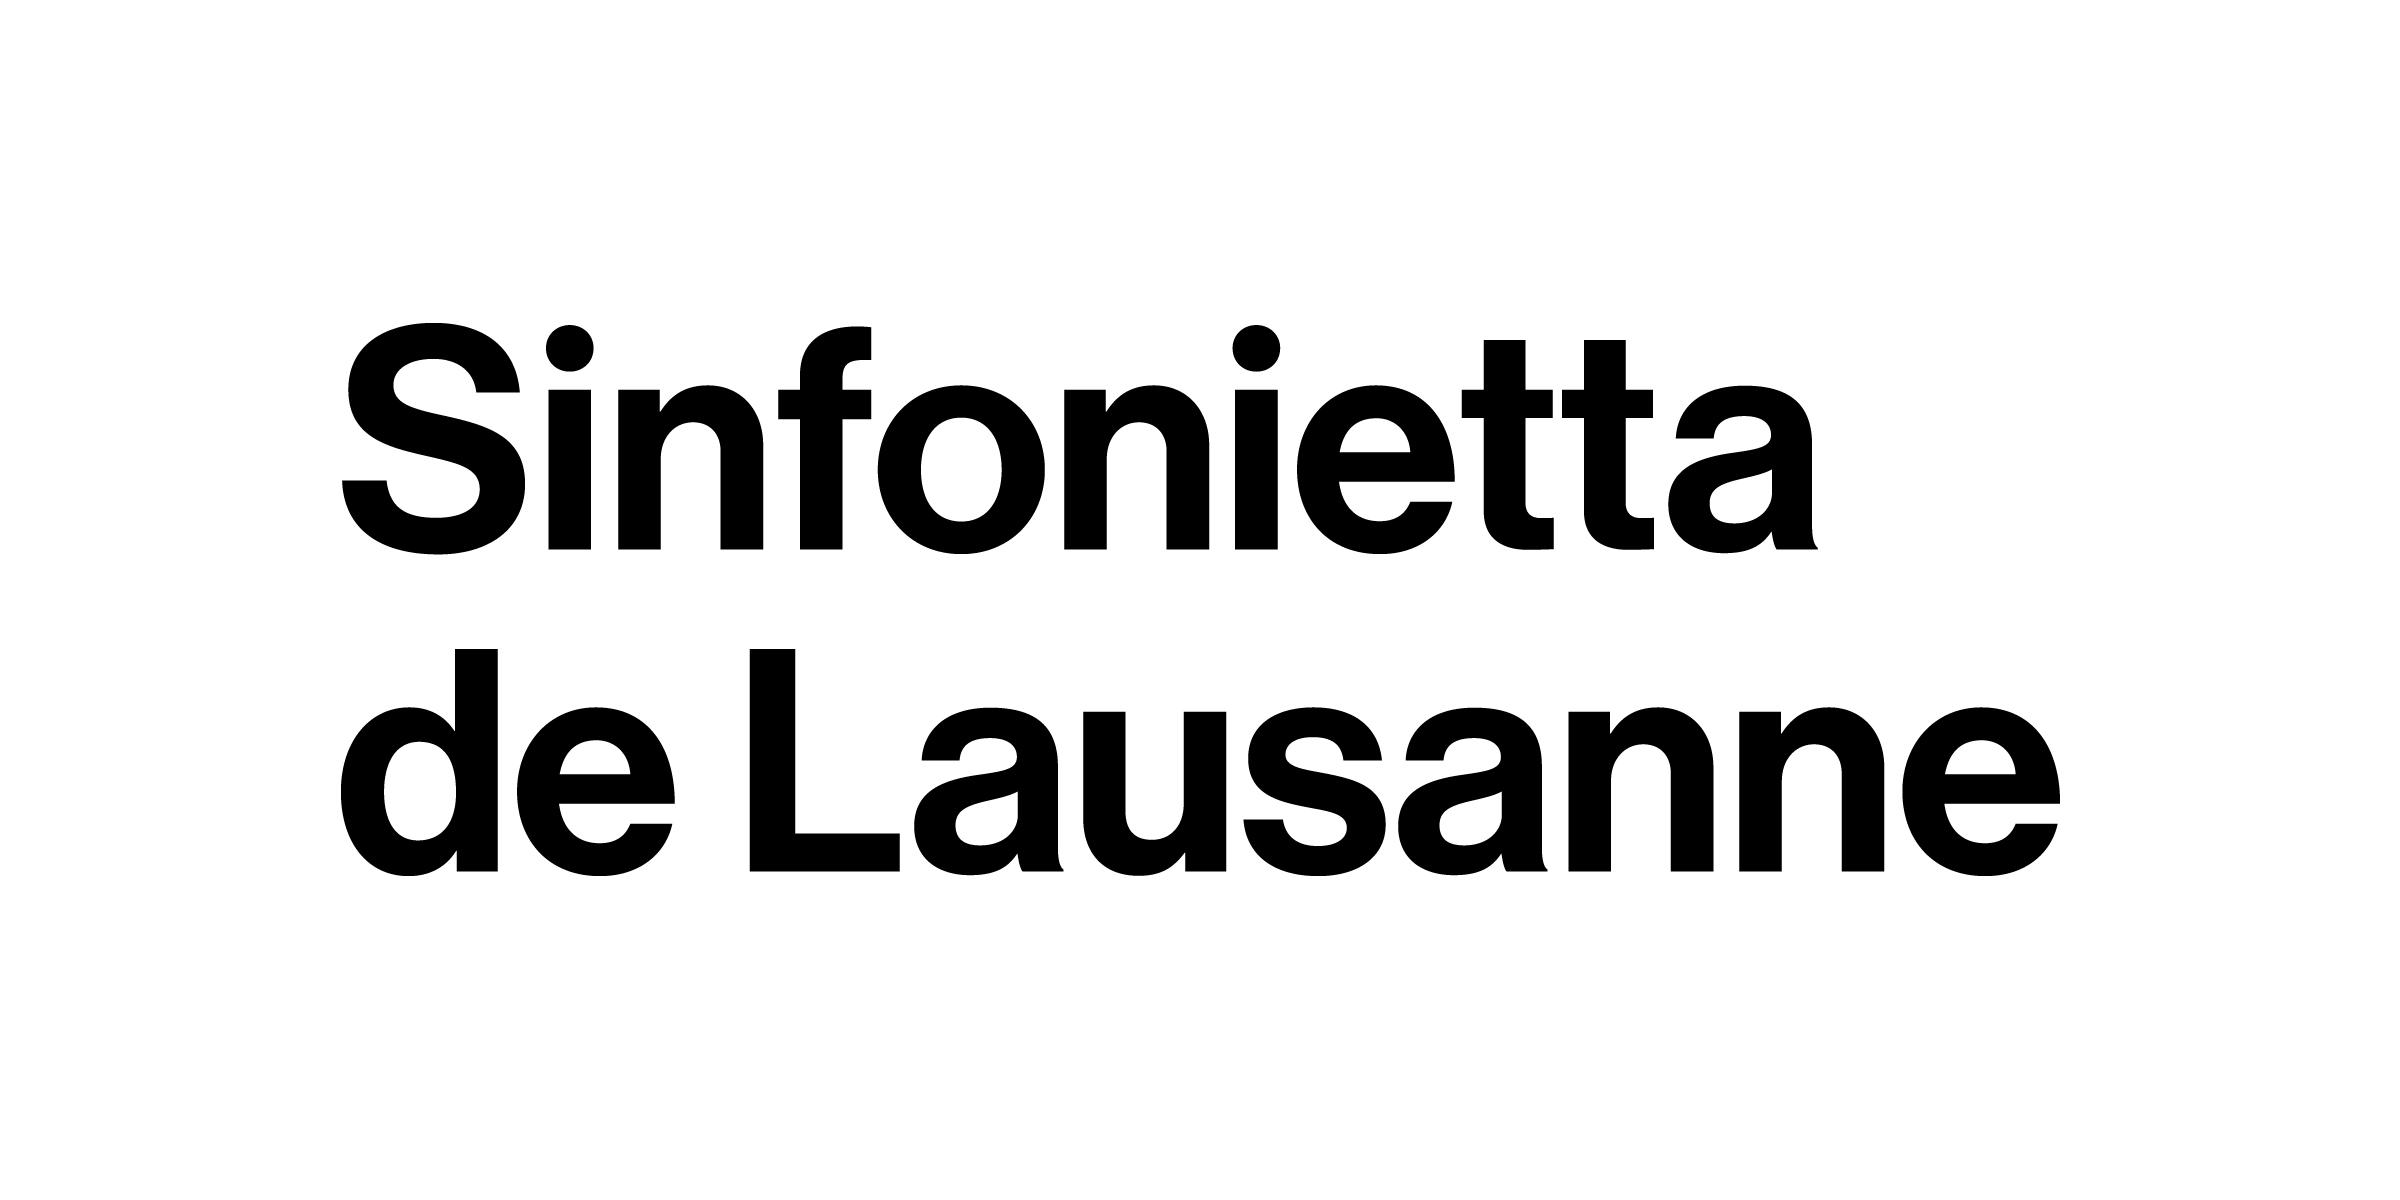 Sinfonietta de Lausanne